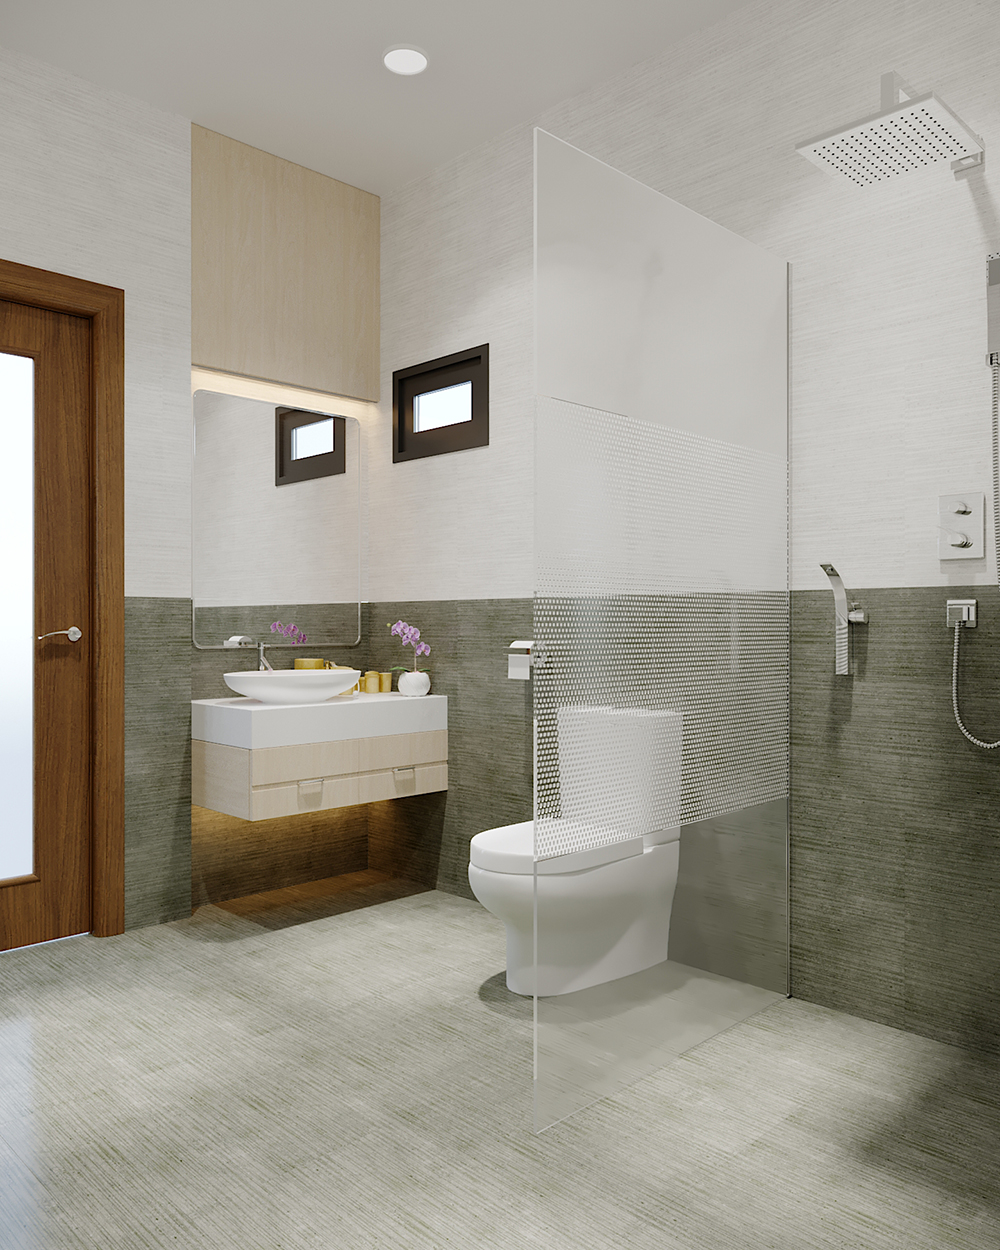 Thiết kế thi công nội thất khách sạn uy tín